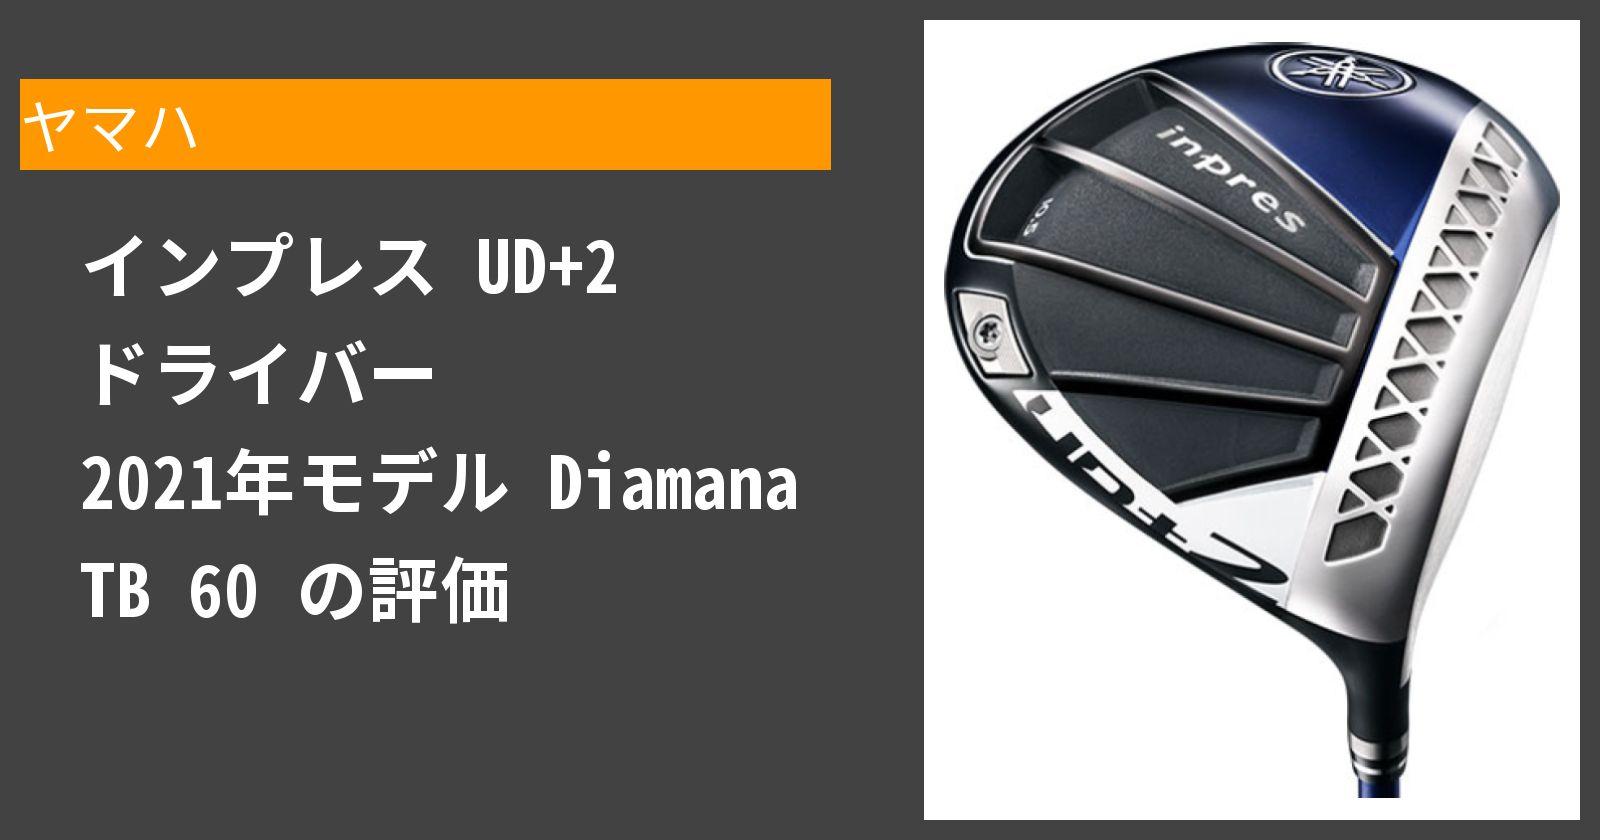 インプレス UD+2 ドライバー 2021年モデル Diamana TB 60を徹底評価